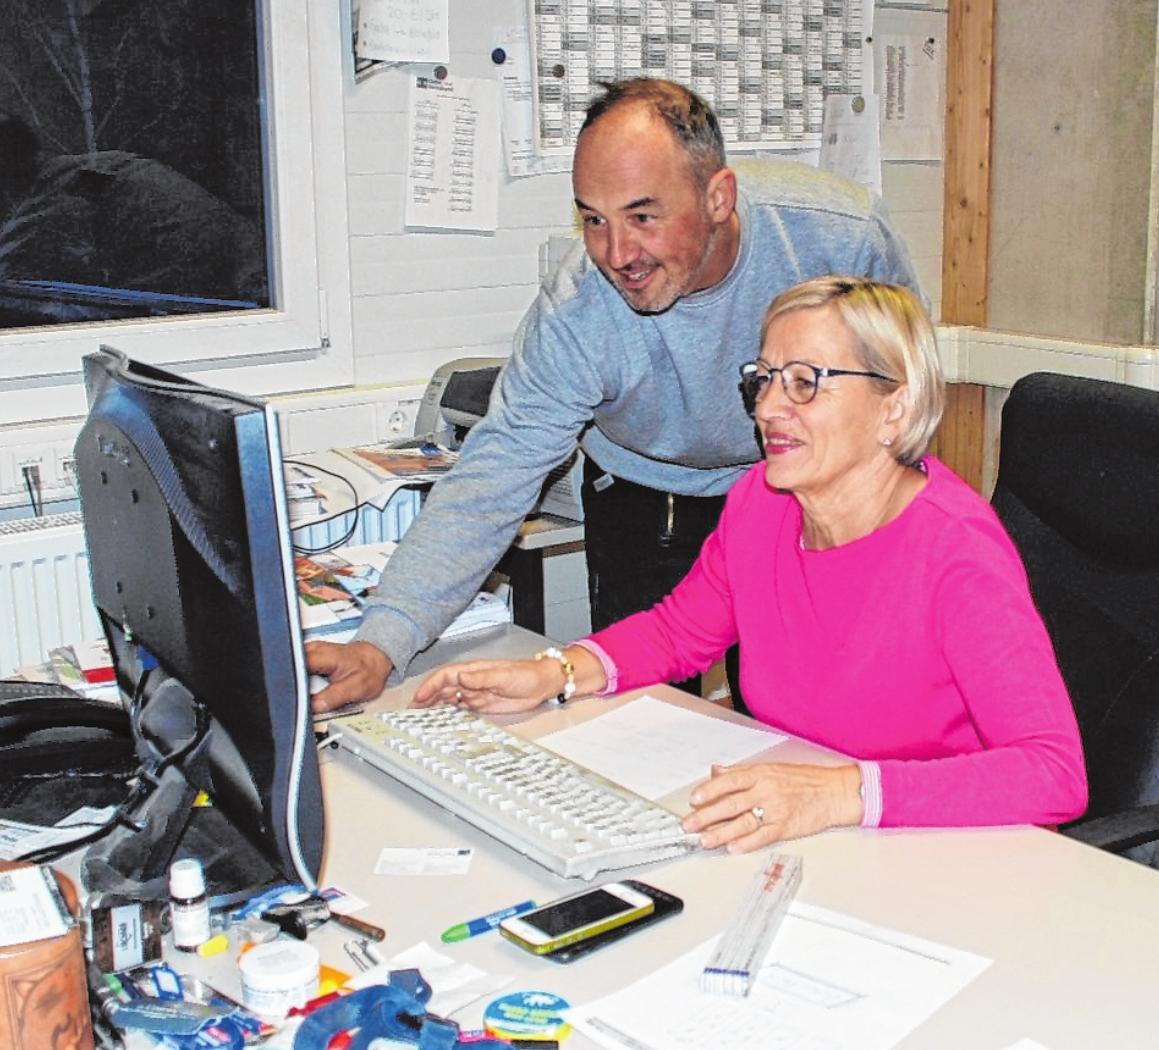 Überprüfung der verschiedenen Aufträge im Büro: Meister Christian Rahner zusammen mit Renate Juks. FOTOS: USCHI MERTEN